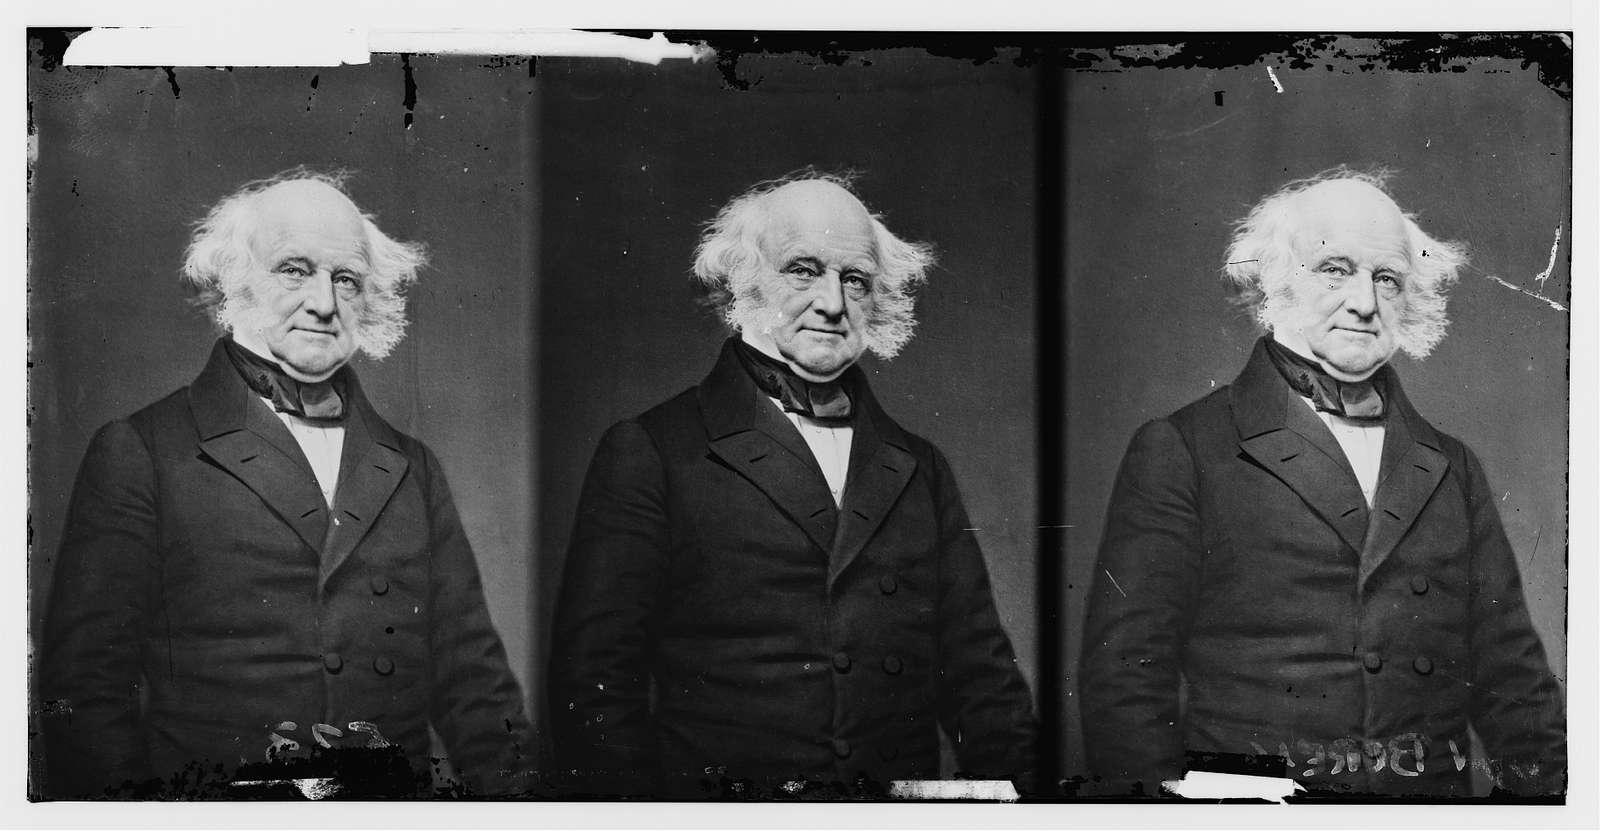 Martin Van Buren, ex-pres of U.S